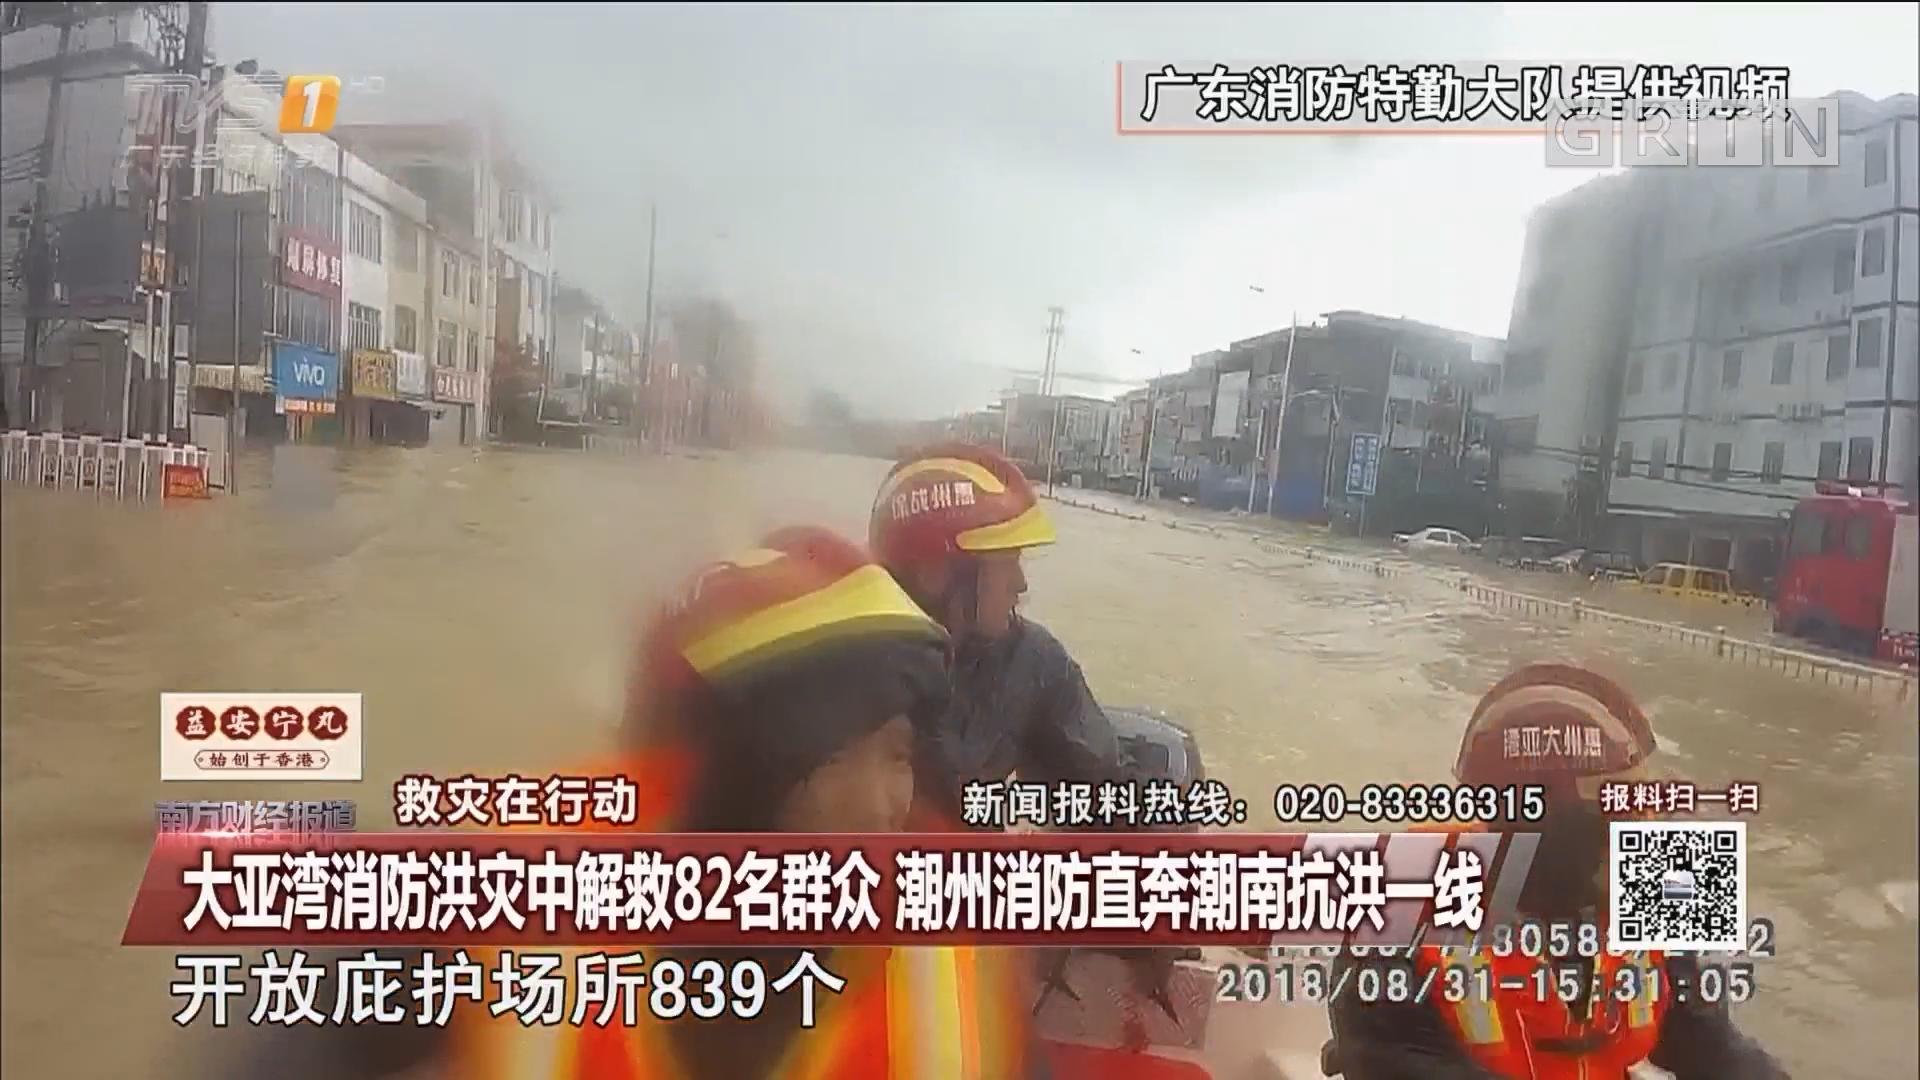 救灾在行动:大亚湾消防洪灾中解救82名群众 潮州消防直奔潮南抗洪一线